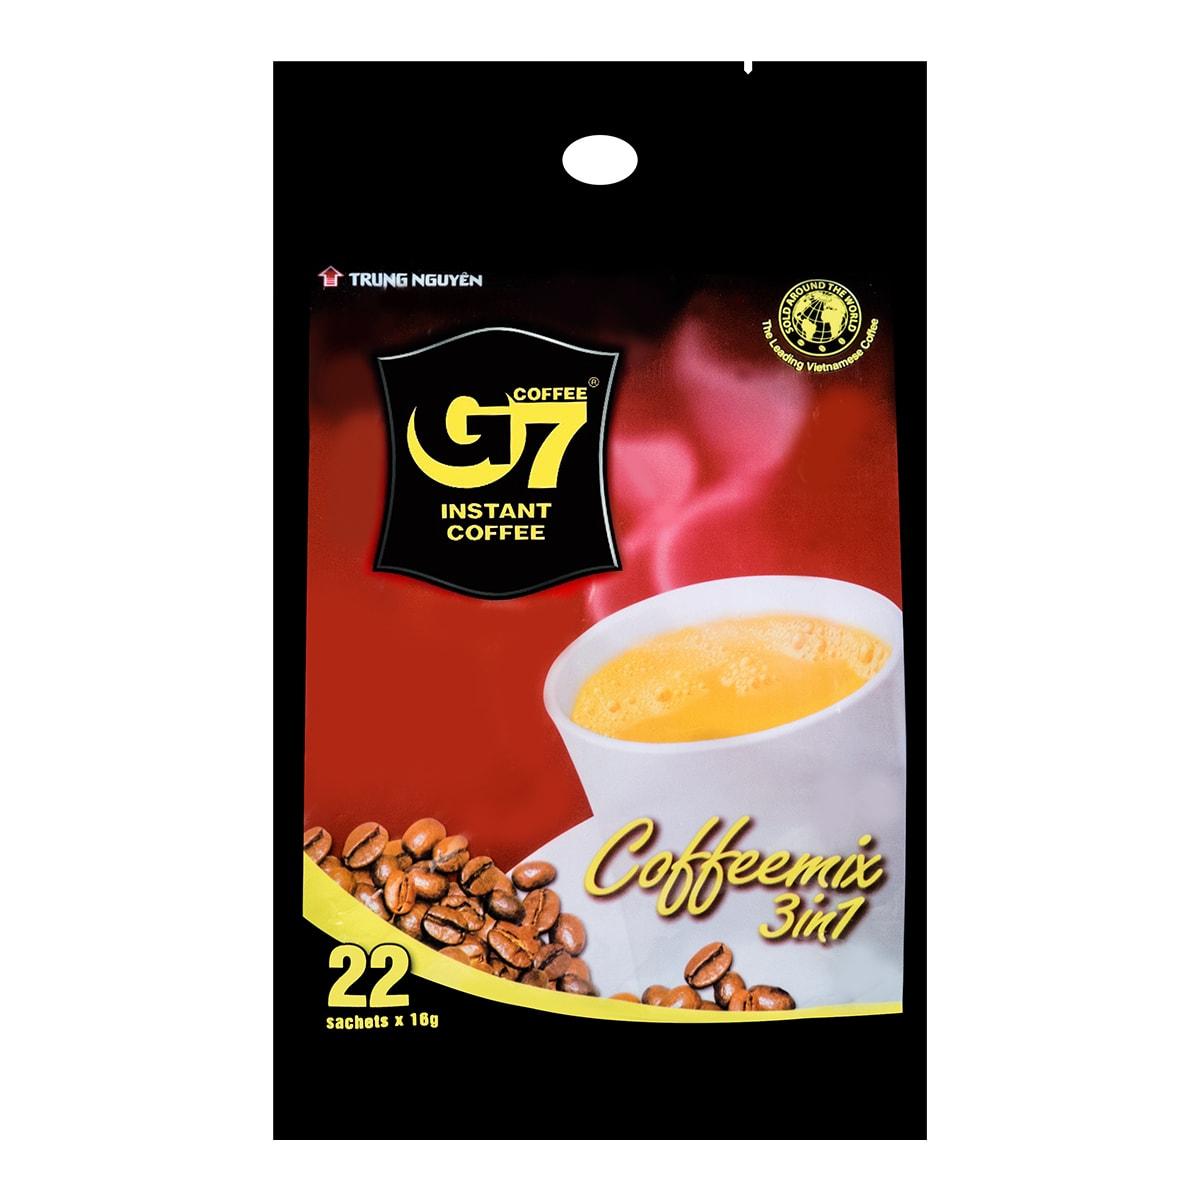 越南中原 G7三合一速溶咖啡 22包入 352g